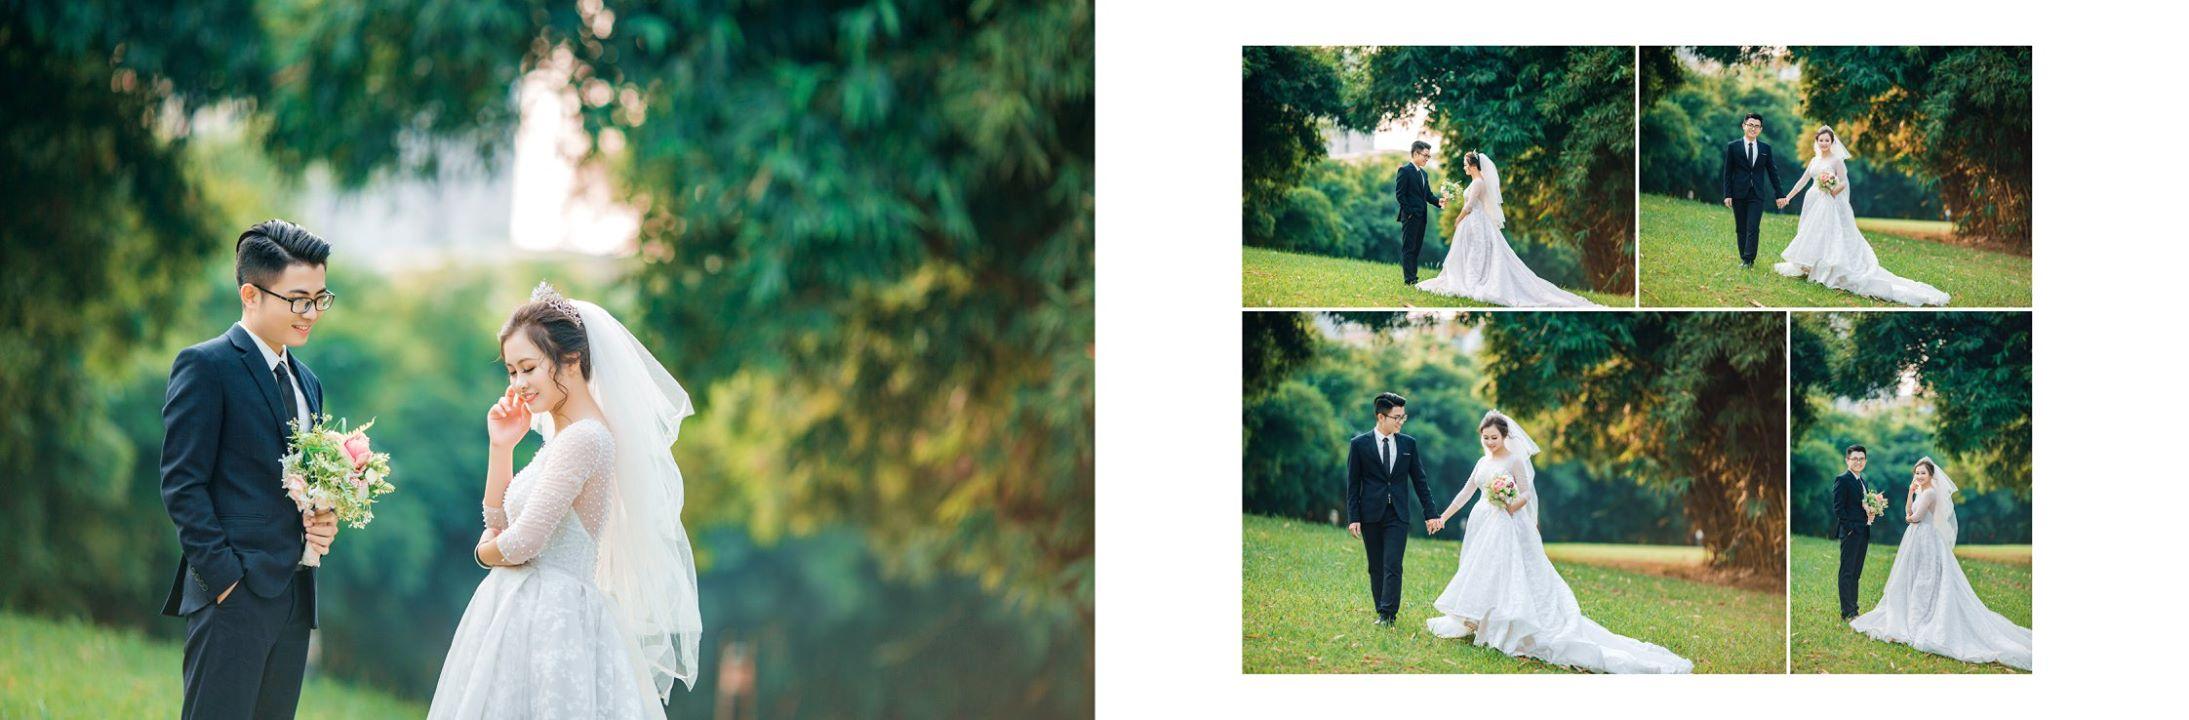 Xếp hạng 6 Studio chụp ảnh cưới phong cách Hàn Quốc đẹp nhất quận Thanh Xuân, Hà Nội -  Đa Minh Tân Wedding Studio